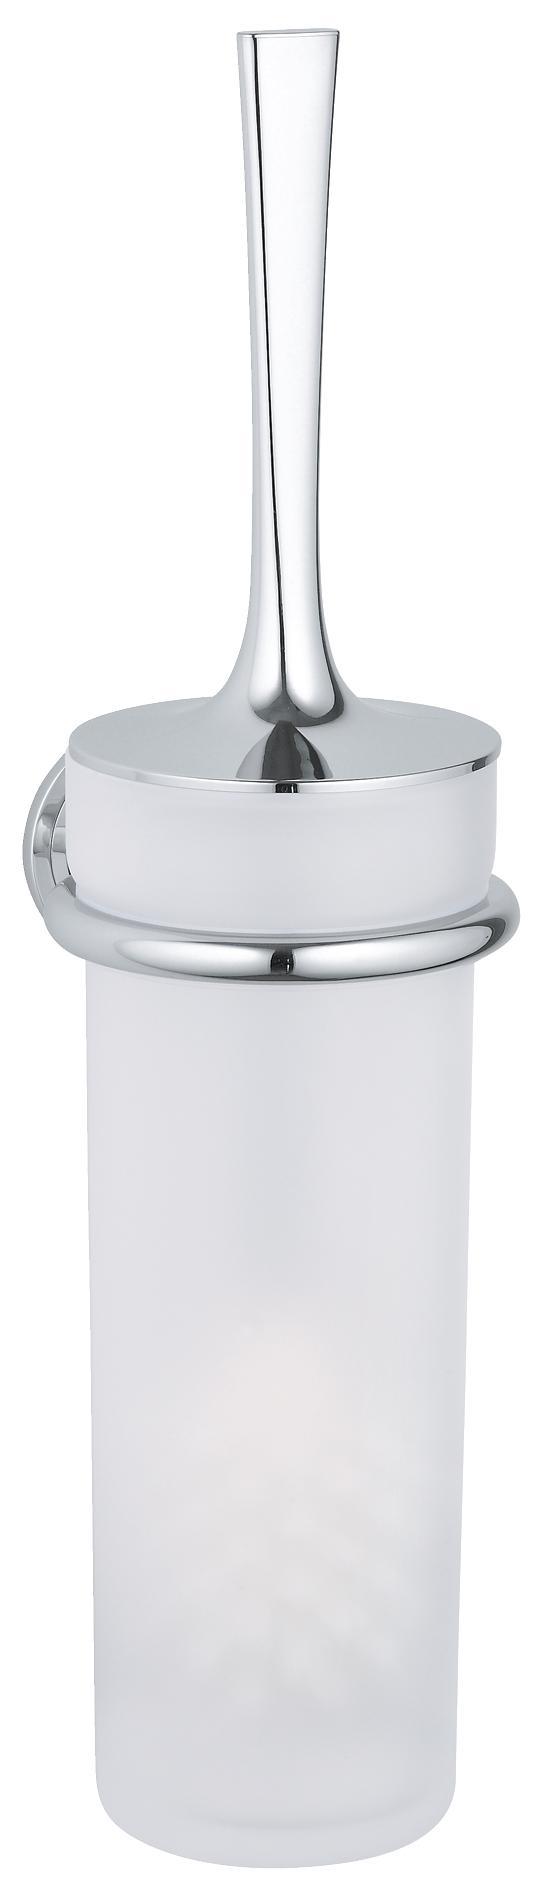 Туалетный ершик GROHE Ondus в комплекте, хром